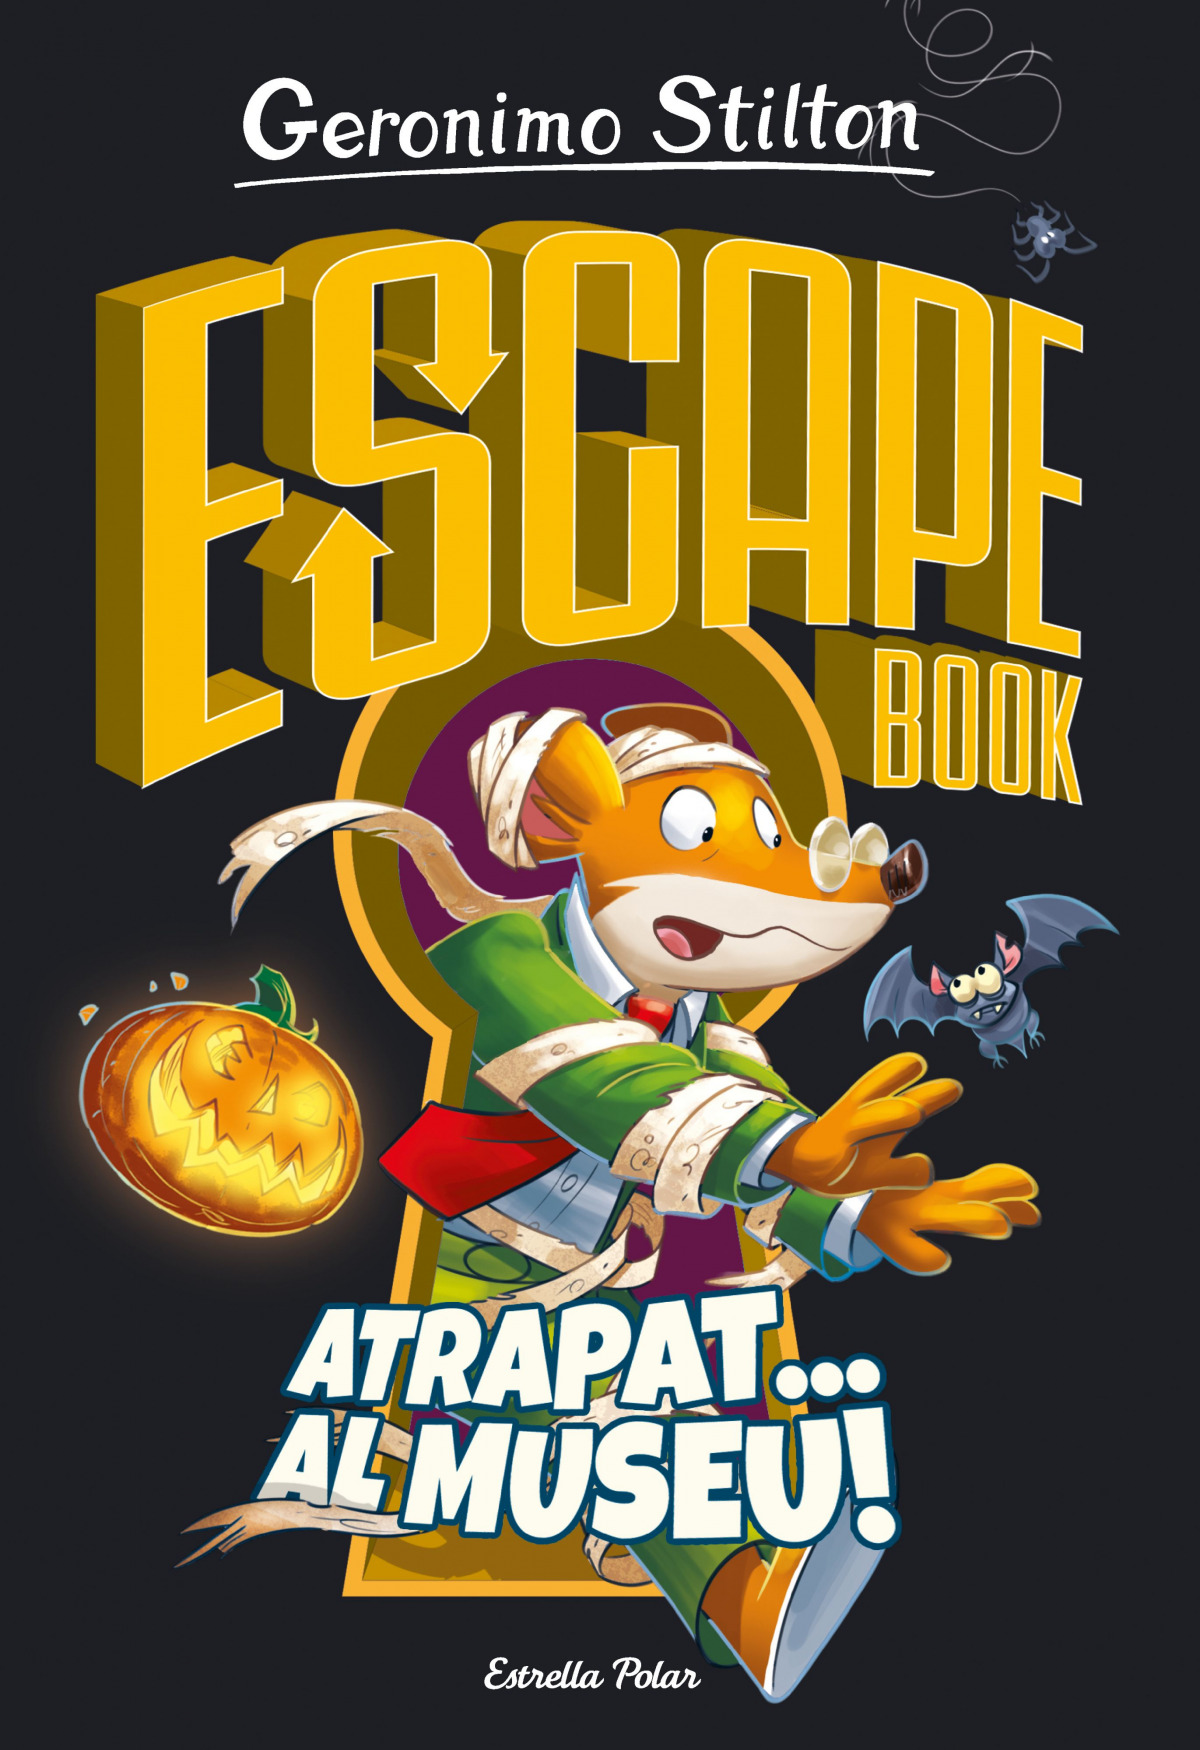 Escape book. Atrapat... al museu!